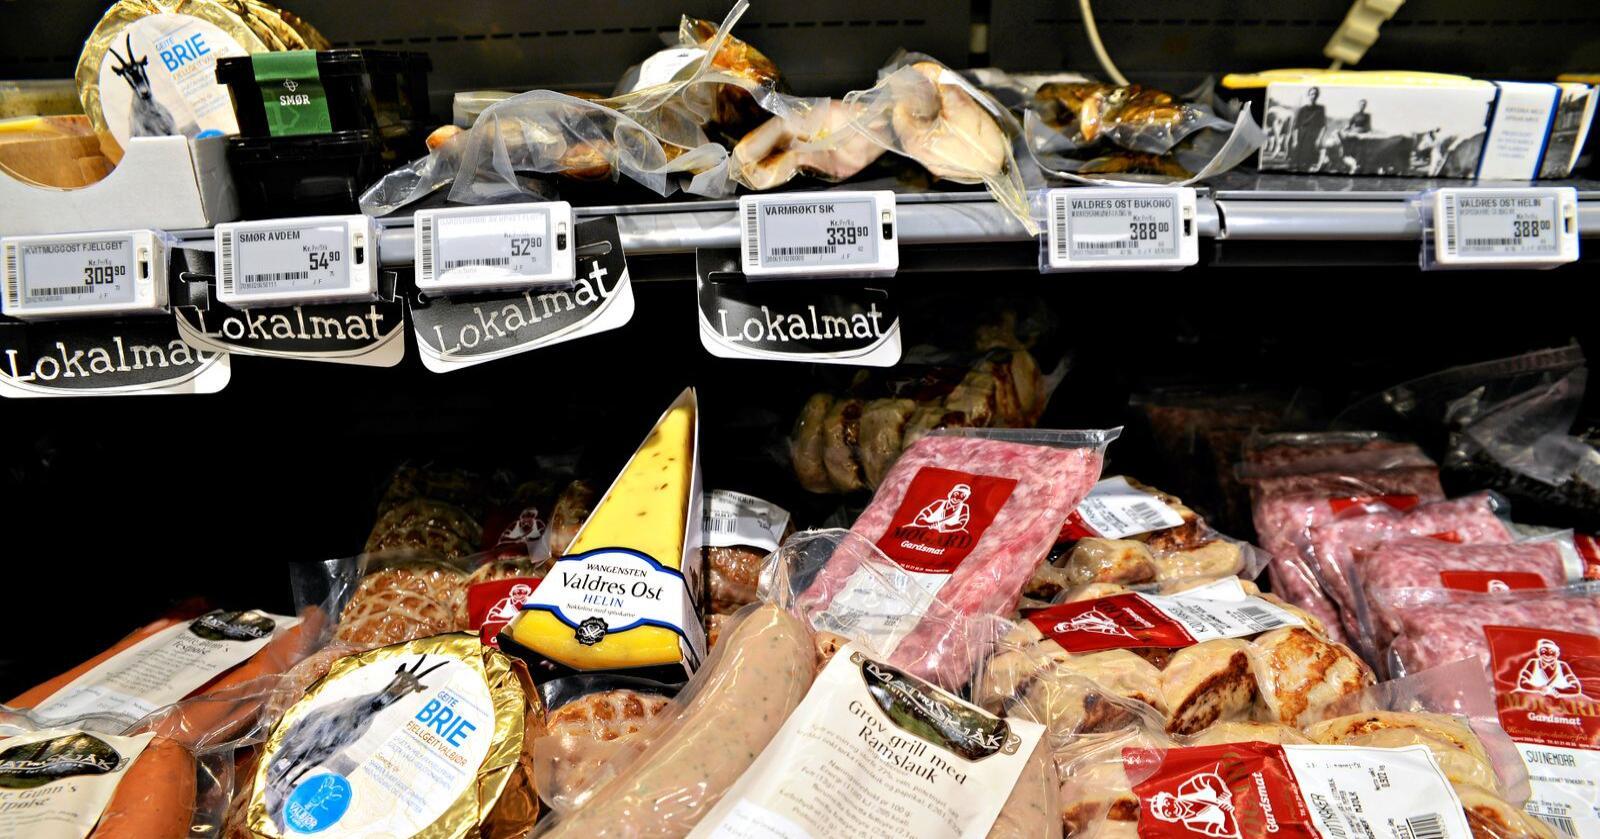 Nordmenn flest sier de gjerne vil prøve ut lokalmat. Her lokalmat fra Otta. Arkivfoto: Mariann Tvete